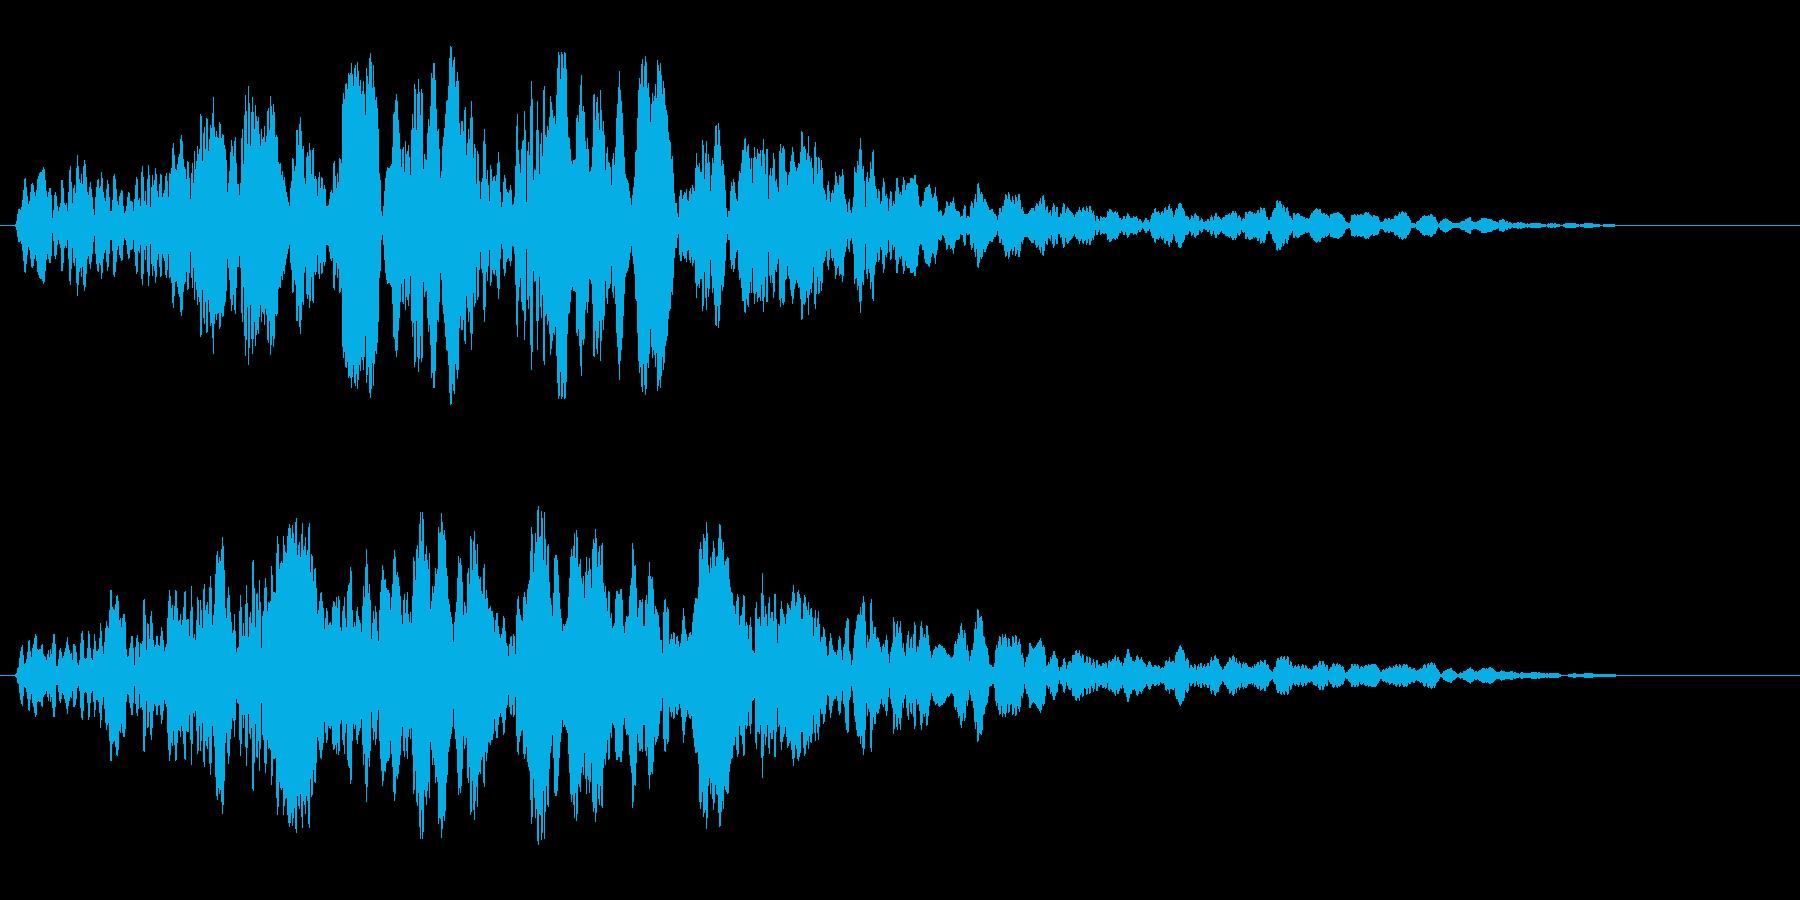 キーン (神秘的な響き)の再生済みの波形